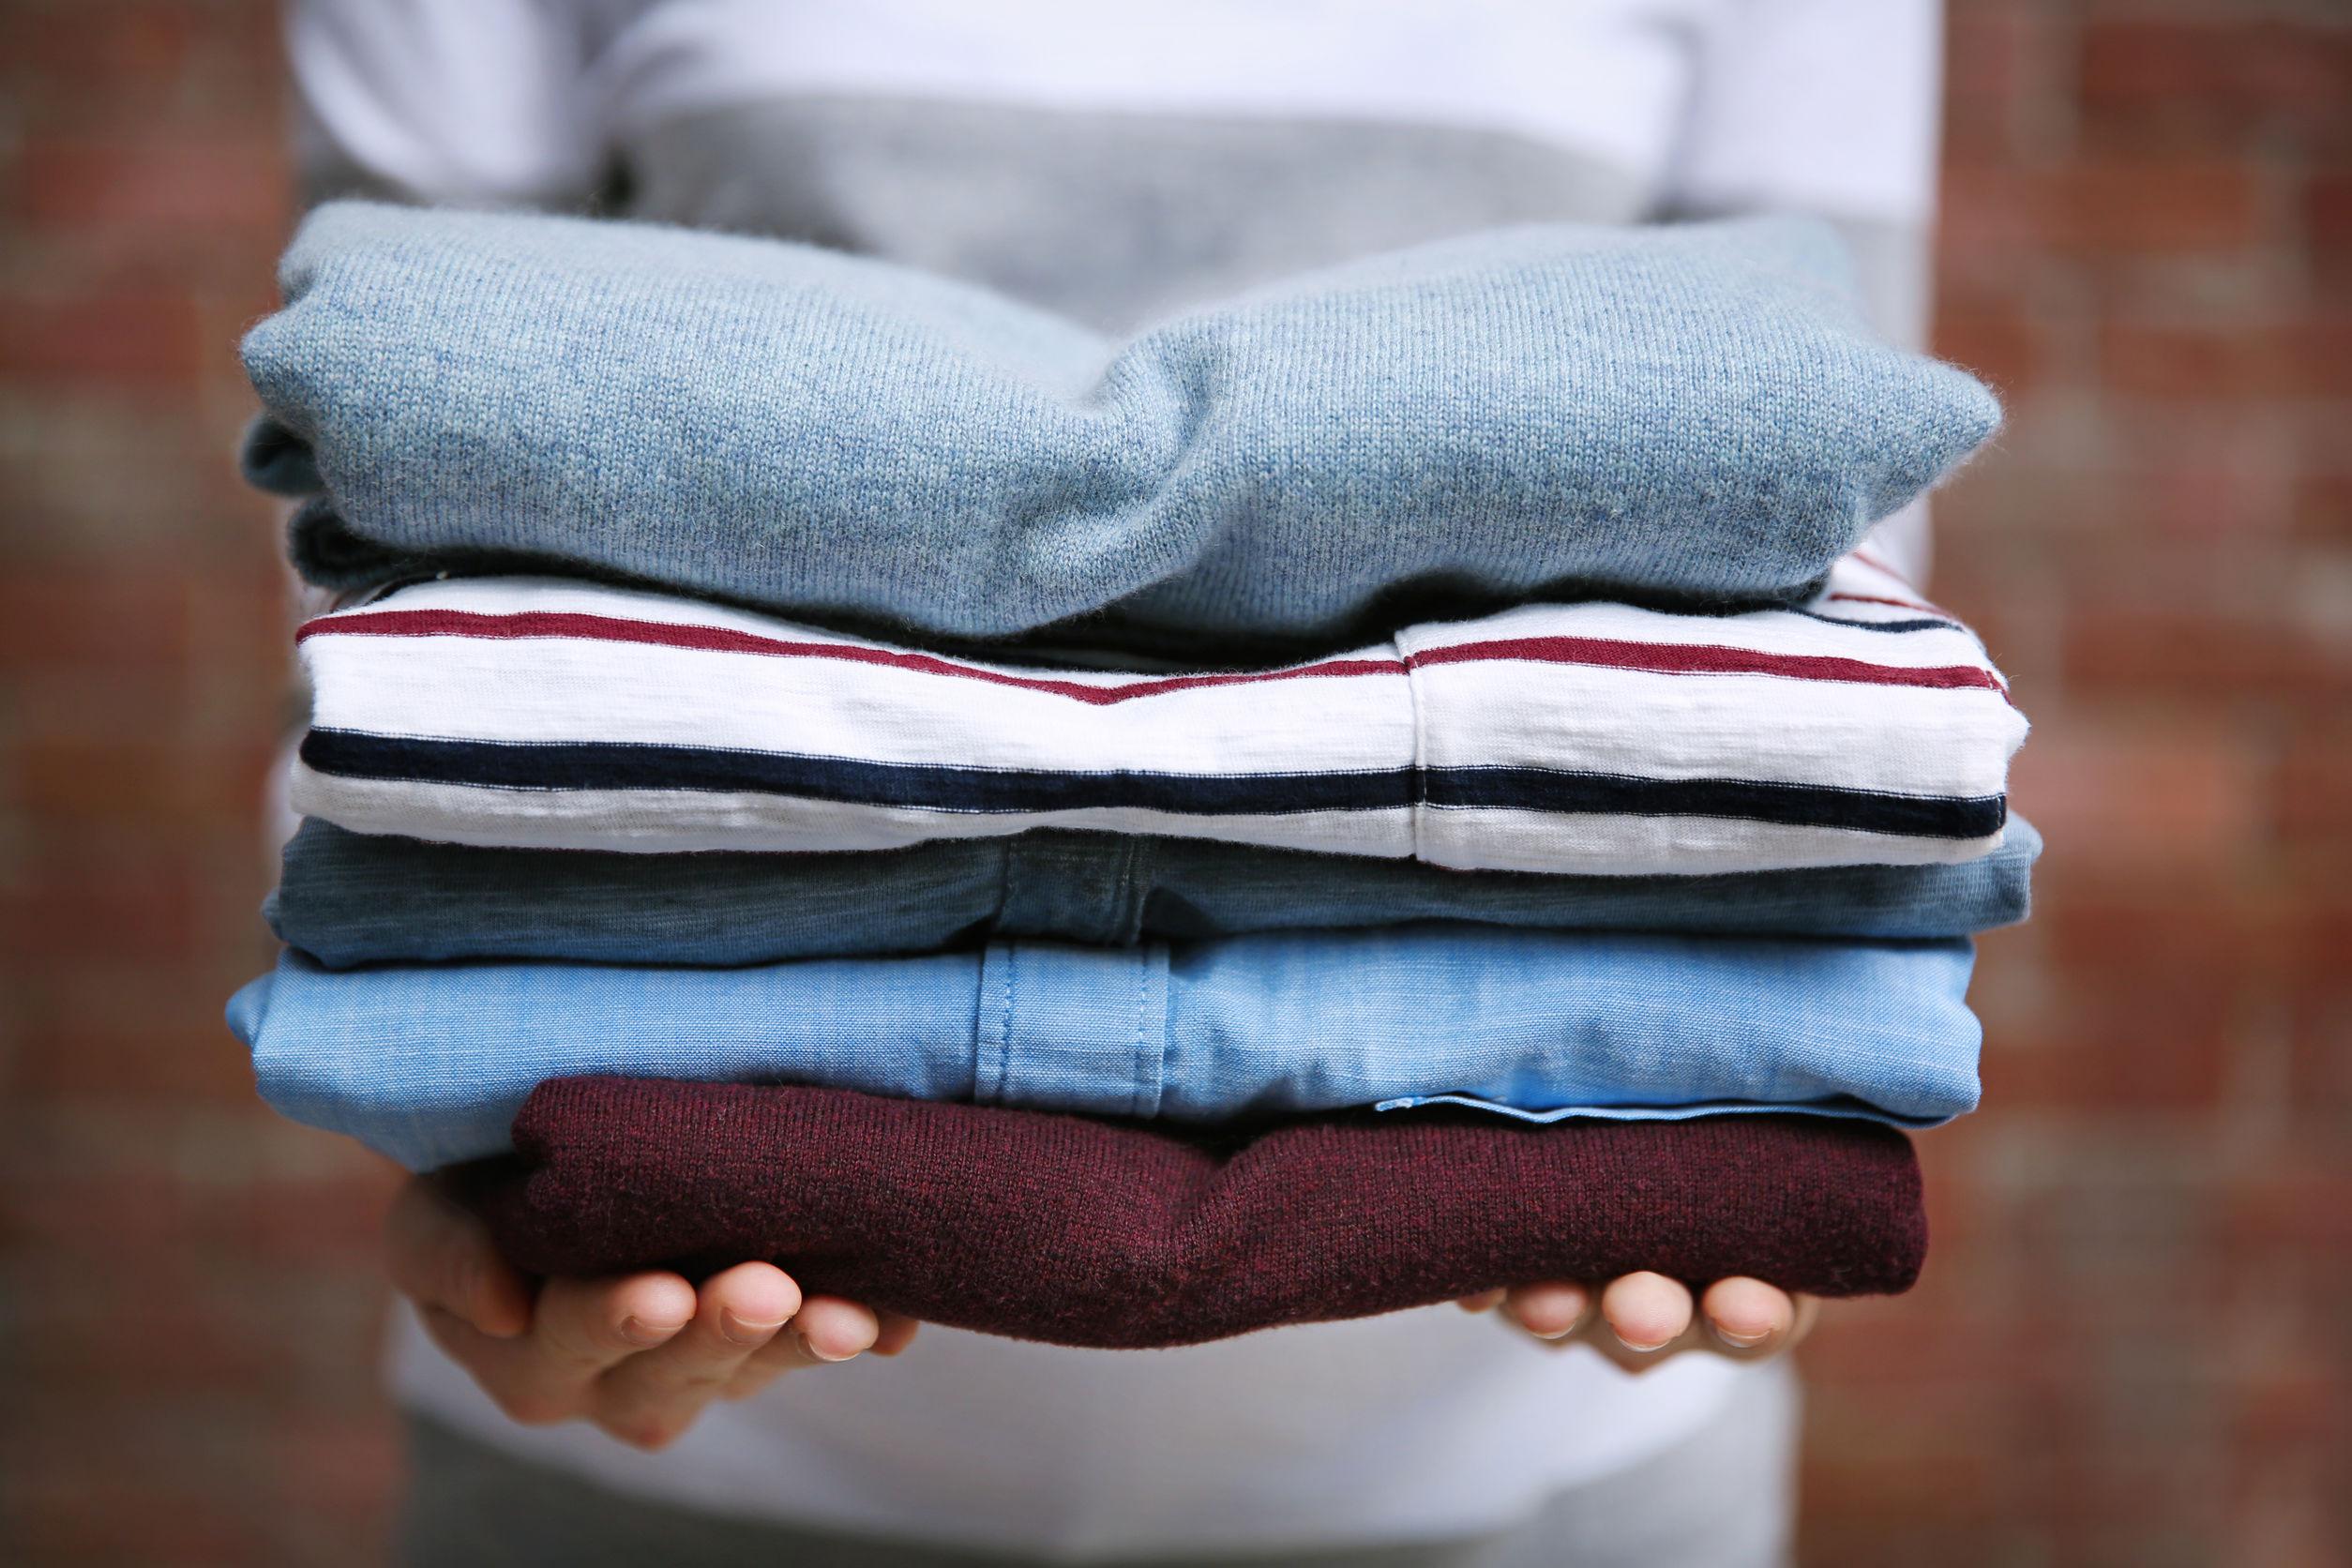 Plegador de camisas: ¿Cuál es el mejor del 2021?